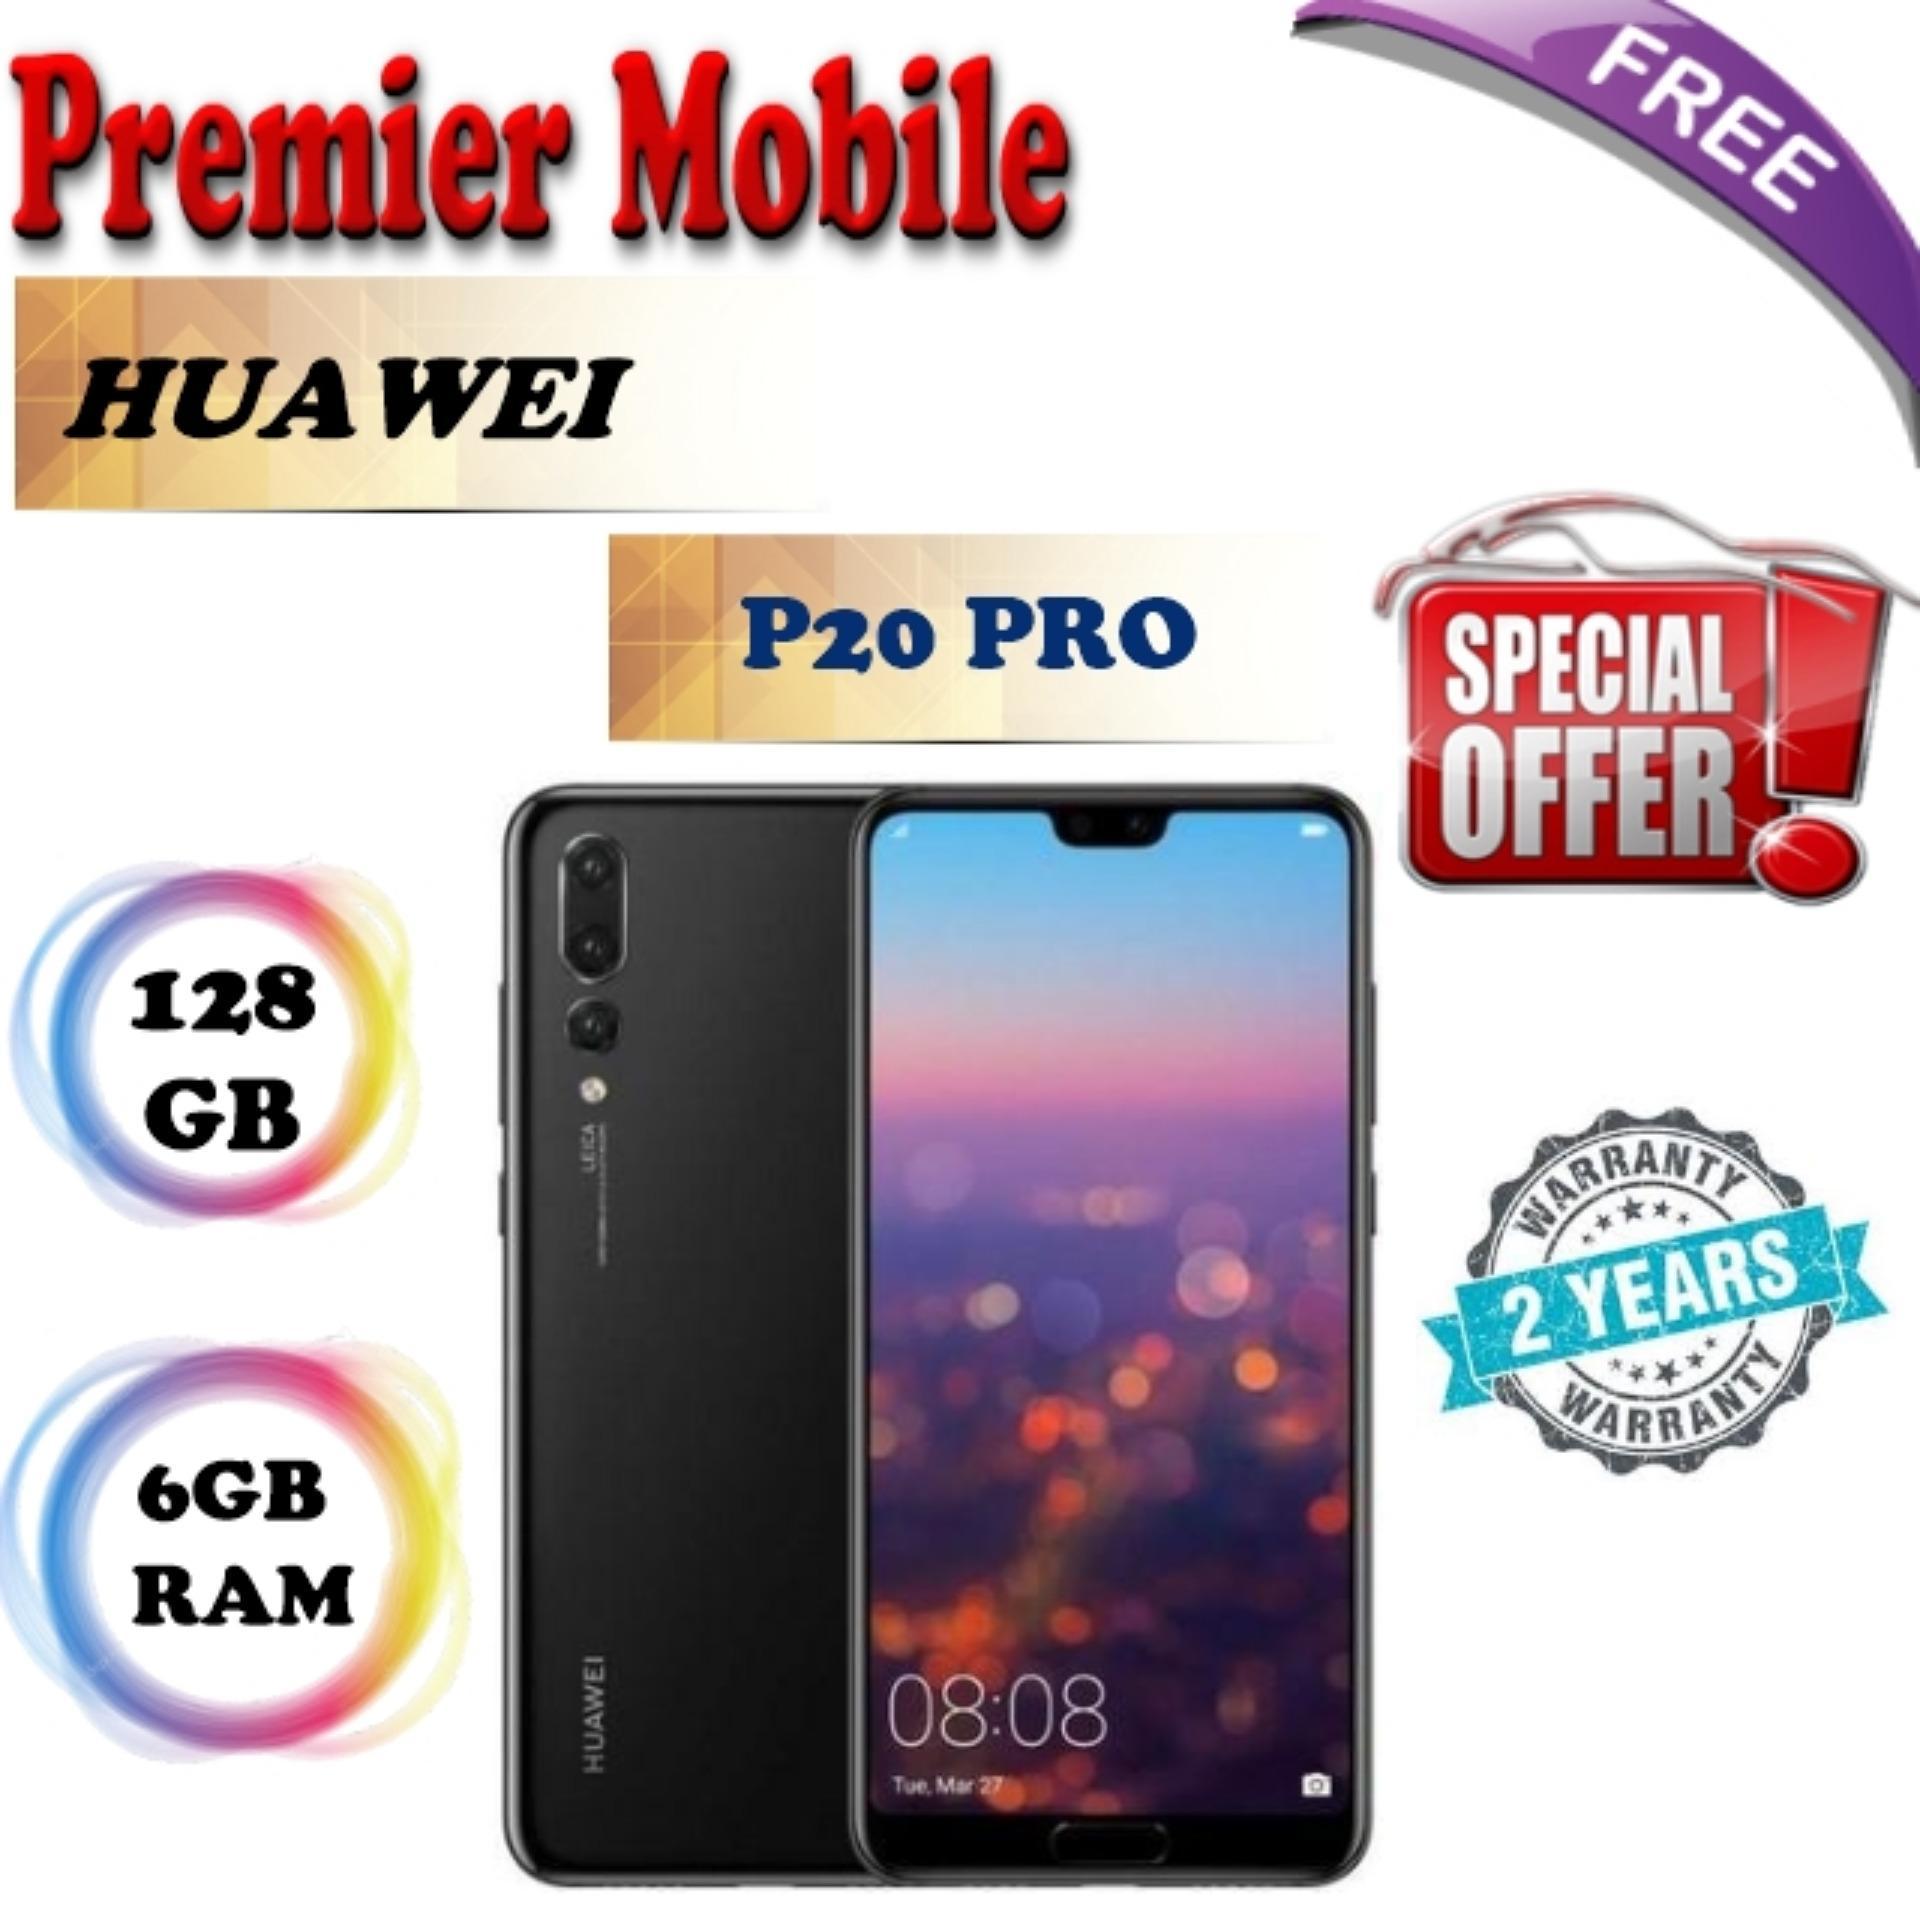 Huawei P20 Pro / Huawei 2 Year Warranty